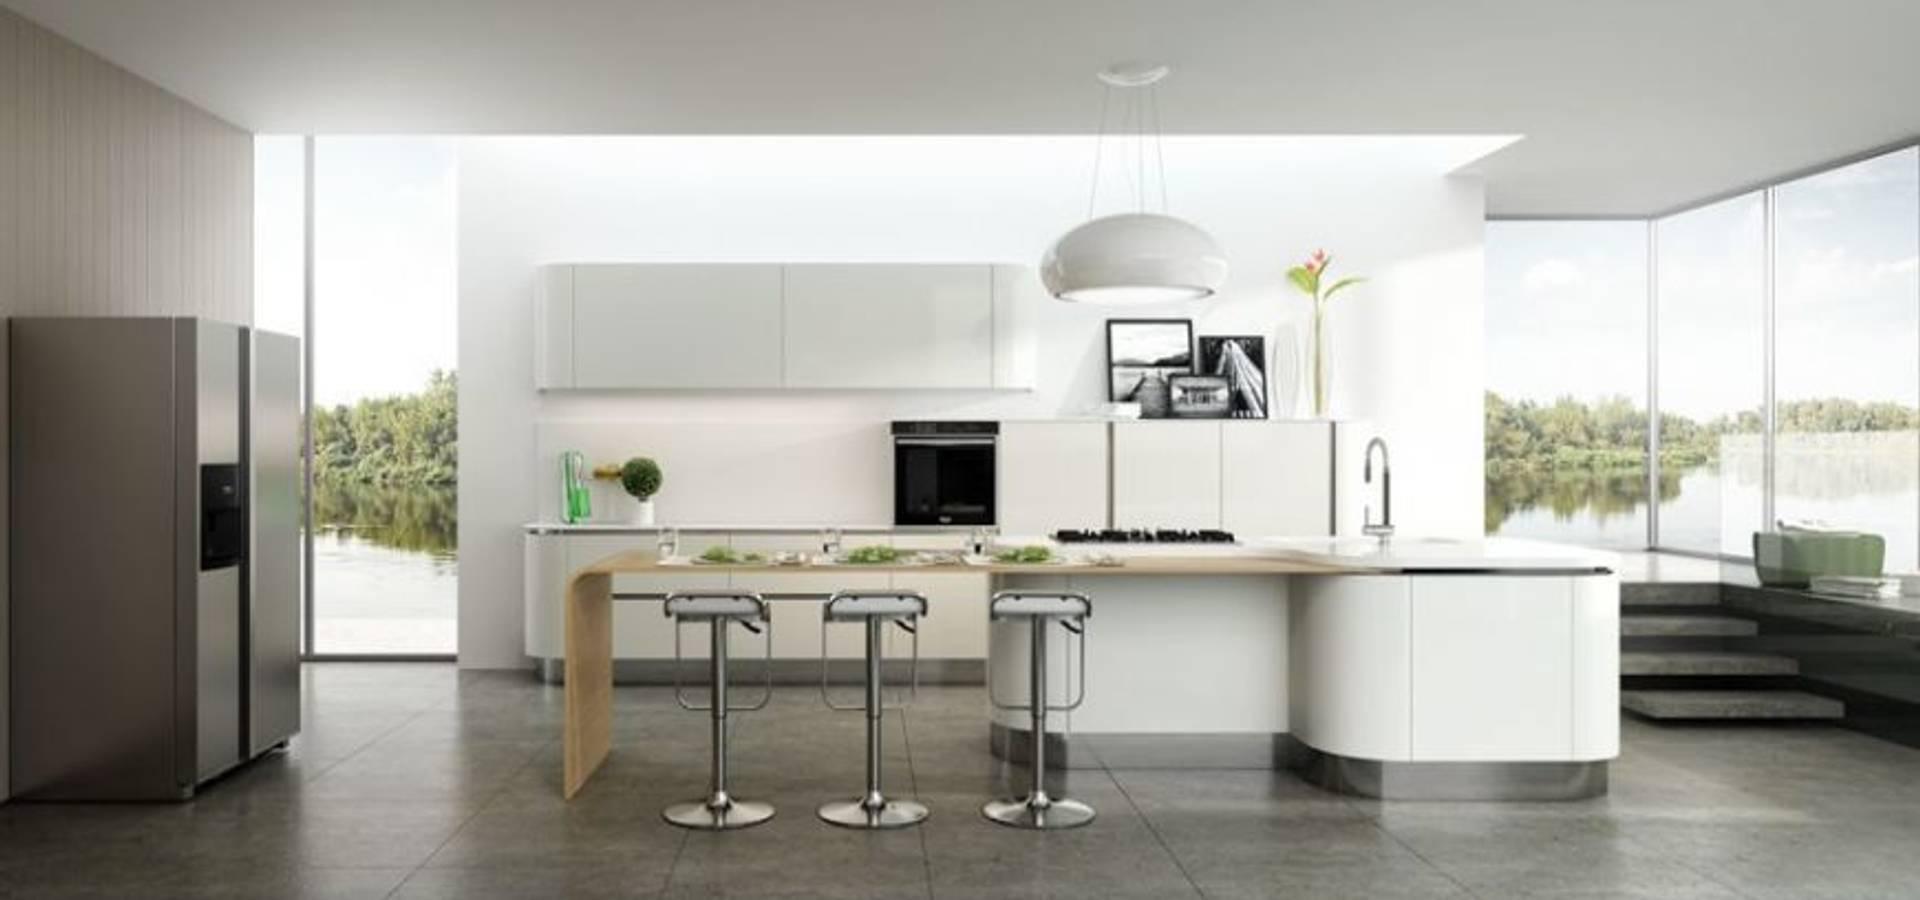 Diemme cucine mobili accessori a vitulazio ce italy homify - Mobili cucina con tendine ...